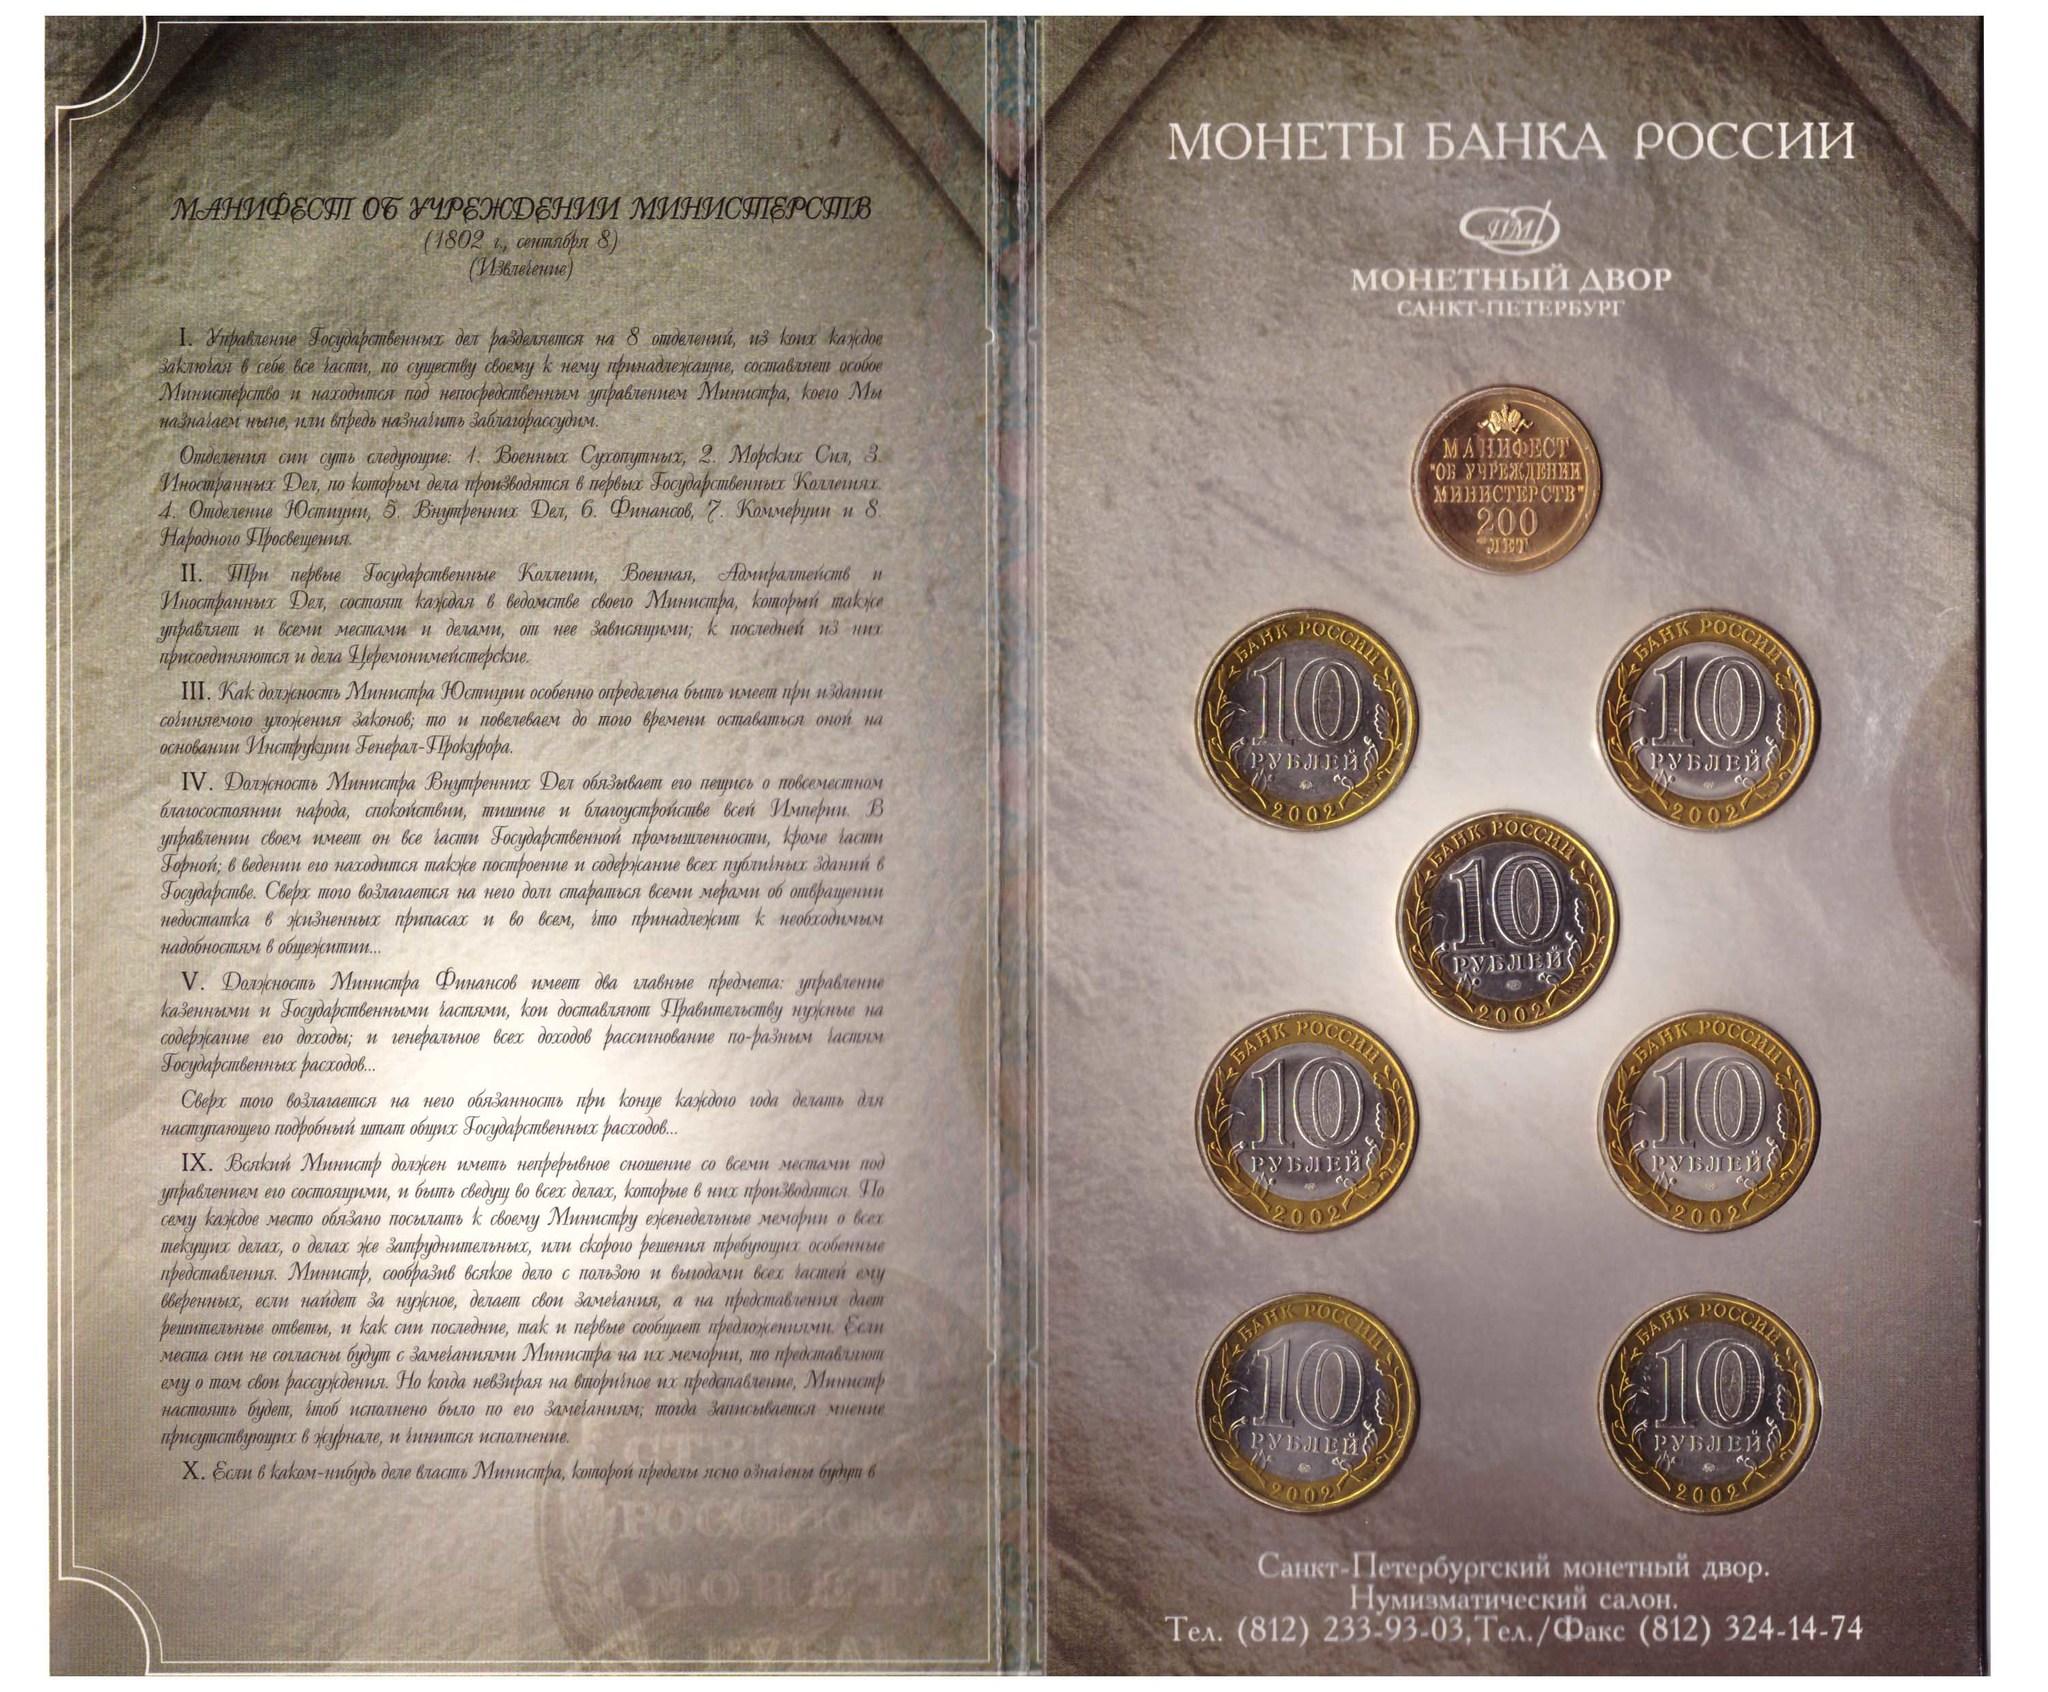 10 рублей 2002 года UNC. Министерства. Официальный набор в буклете с жетоном